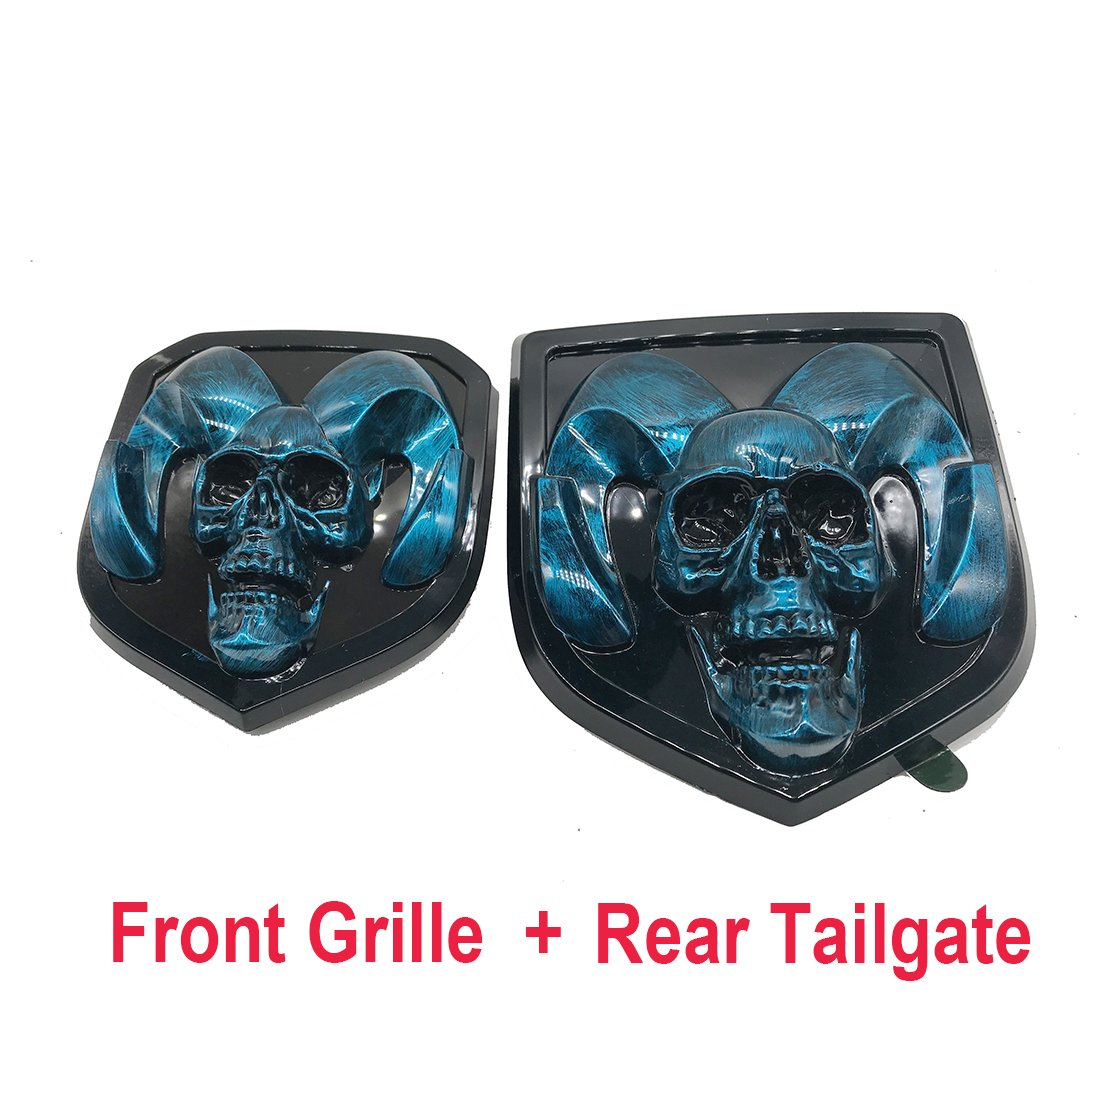 blue skull head Emblem Medallion Skull for Dodge Ram 1500 2500 3500 2013-2018  Tailgate + Grille